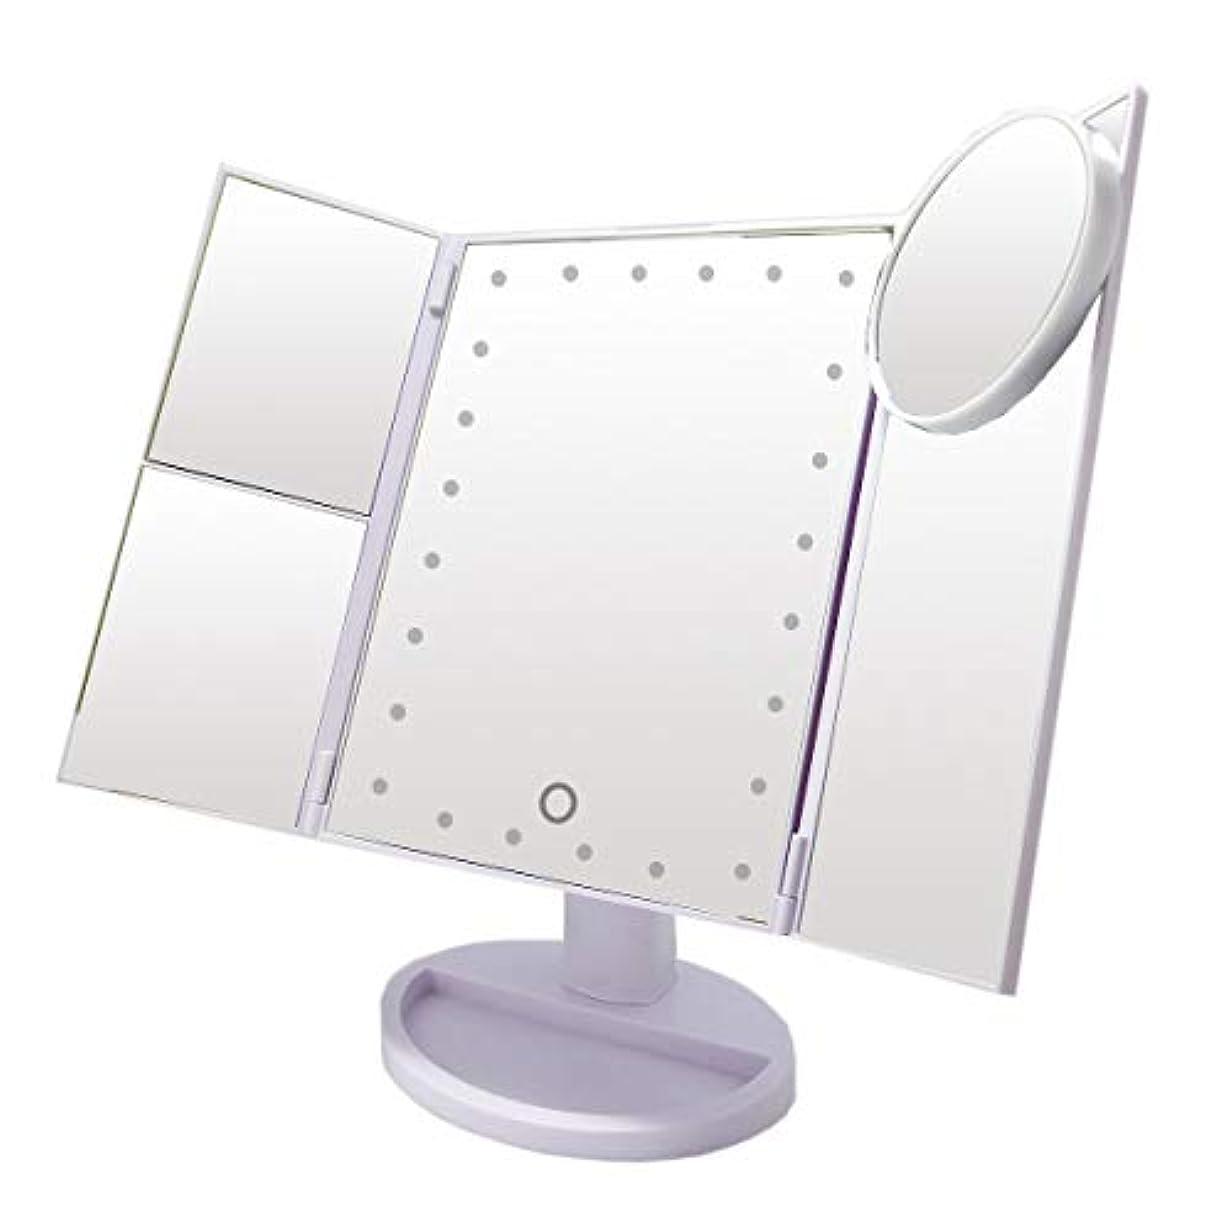 薄いです呼び出す武器La Curie LED付き三面鏡 卓上スタンドミラー 化粧鏡 LEDライト21灯 2倍&3倍拡大鏡付き 折りたたみ式 スタンド ミラー タッチパネル 明るさ 角度自由調整 12ヶ月保証&日本語説明書 (ホワイト) LaCurie009